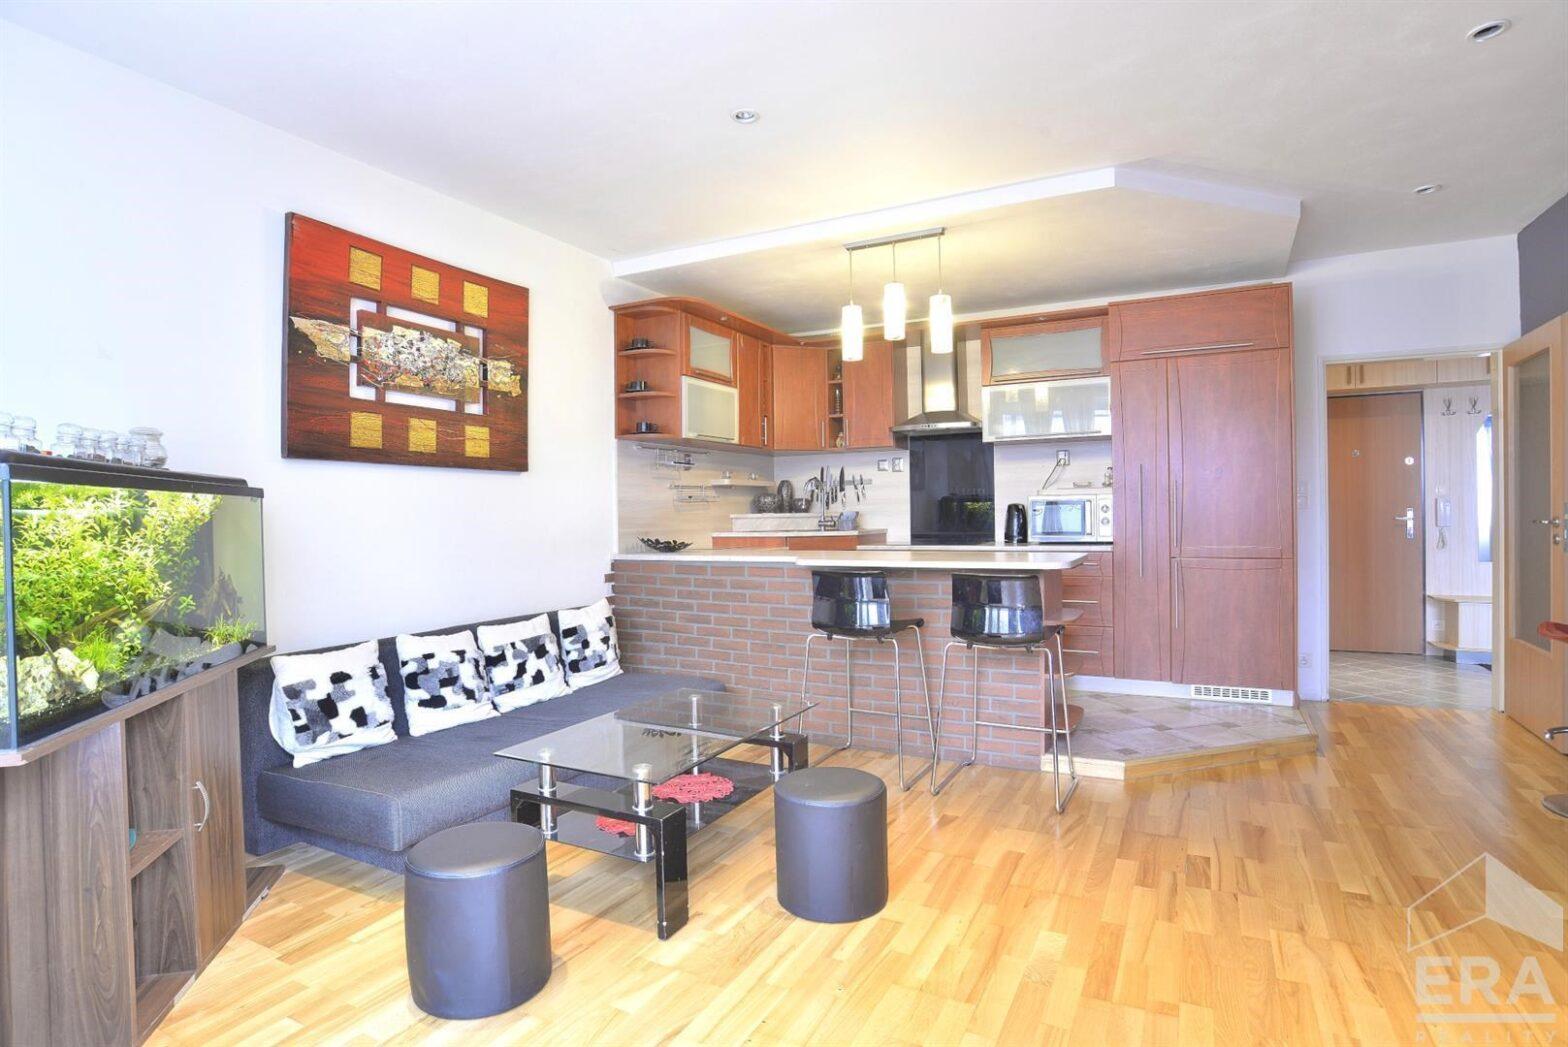 Prodej nového bytu 2+kk,B, 55 m2 v atraktivní lokalitě Nová Harfa s garáží Poděbradská, Praha 9 – Vysočany                                                               4 690 000 Kč